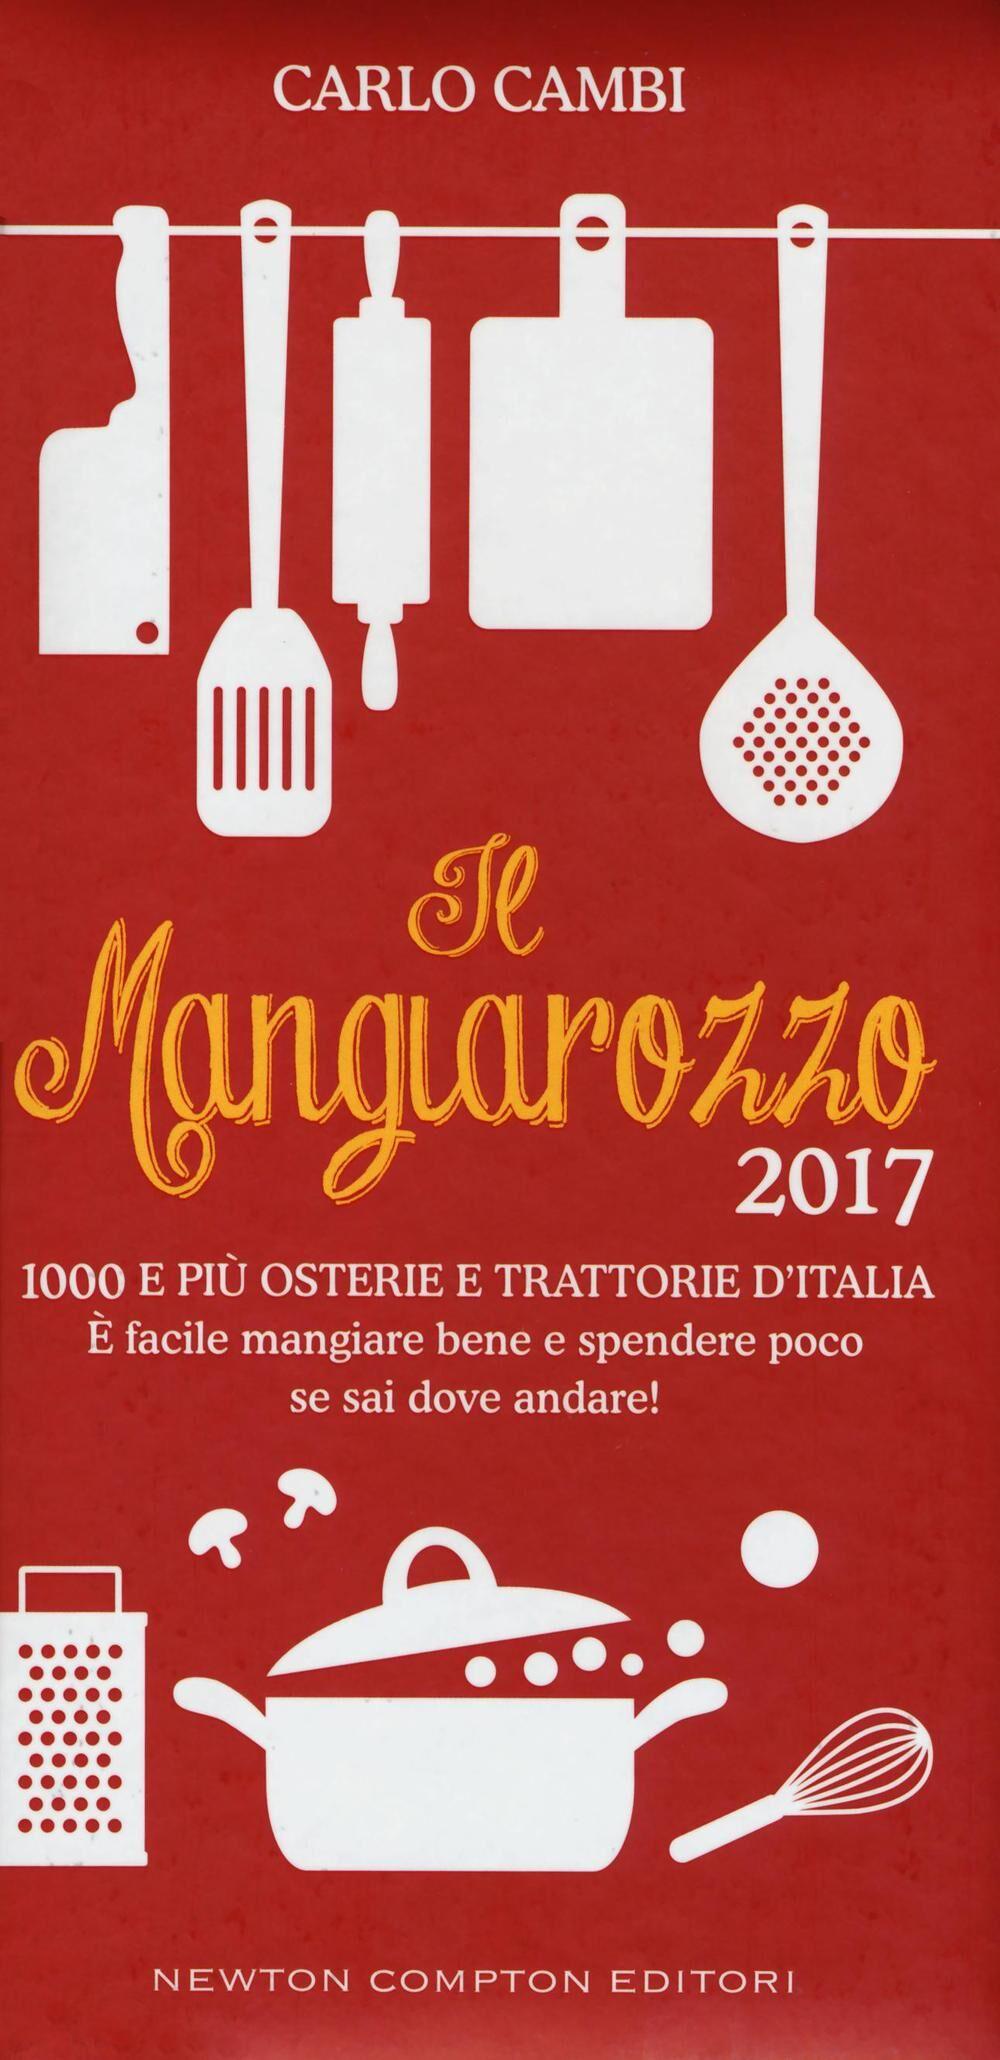 Il Mangiarozzo 2017. 1000 e più osterie e trattorie d'Italia. È facile mangiare bene e spendere poco se sai dove andare!